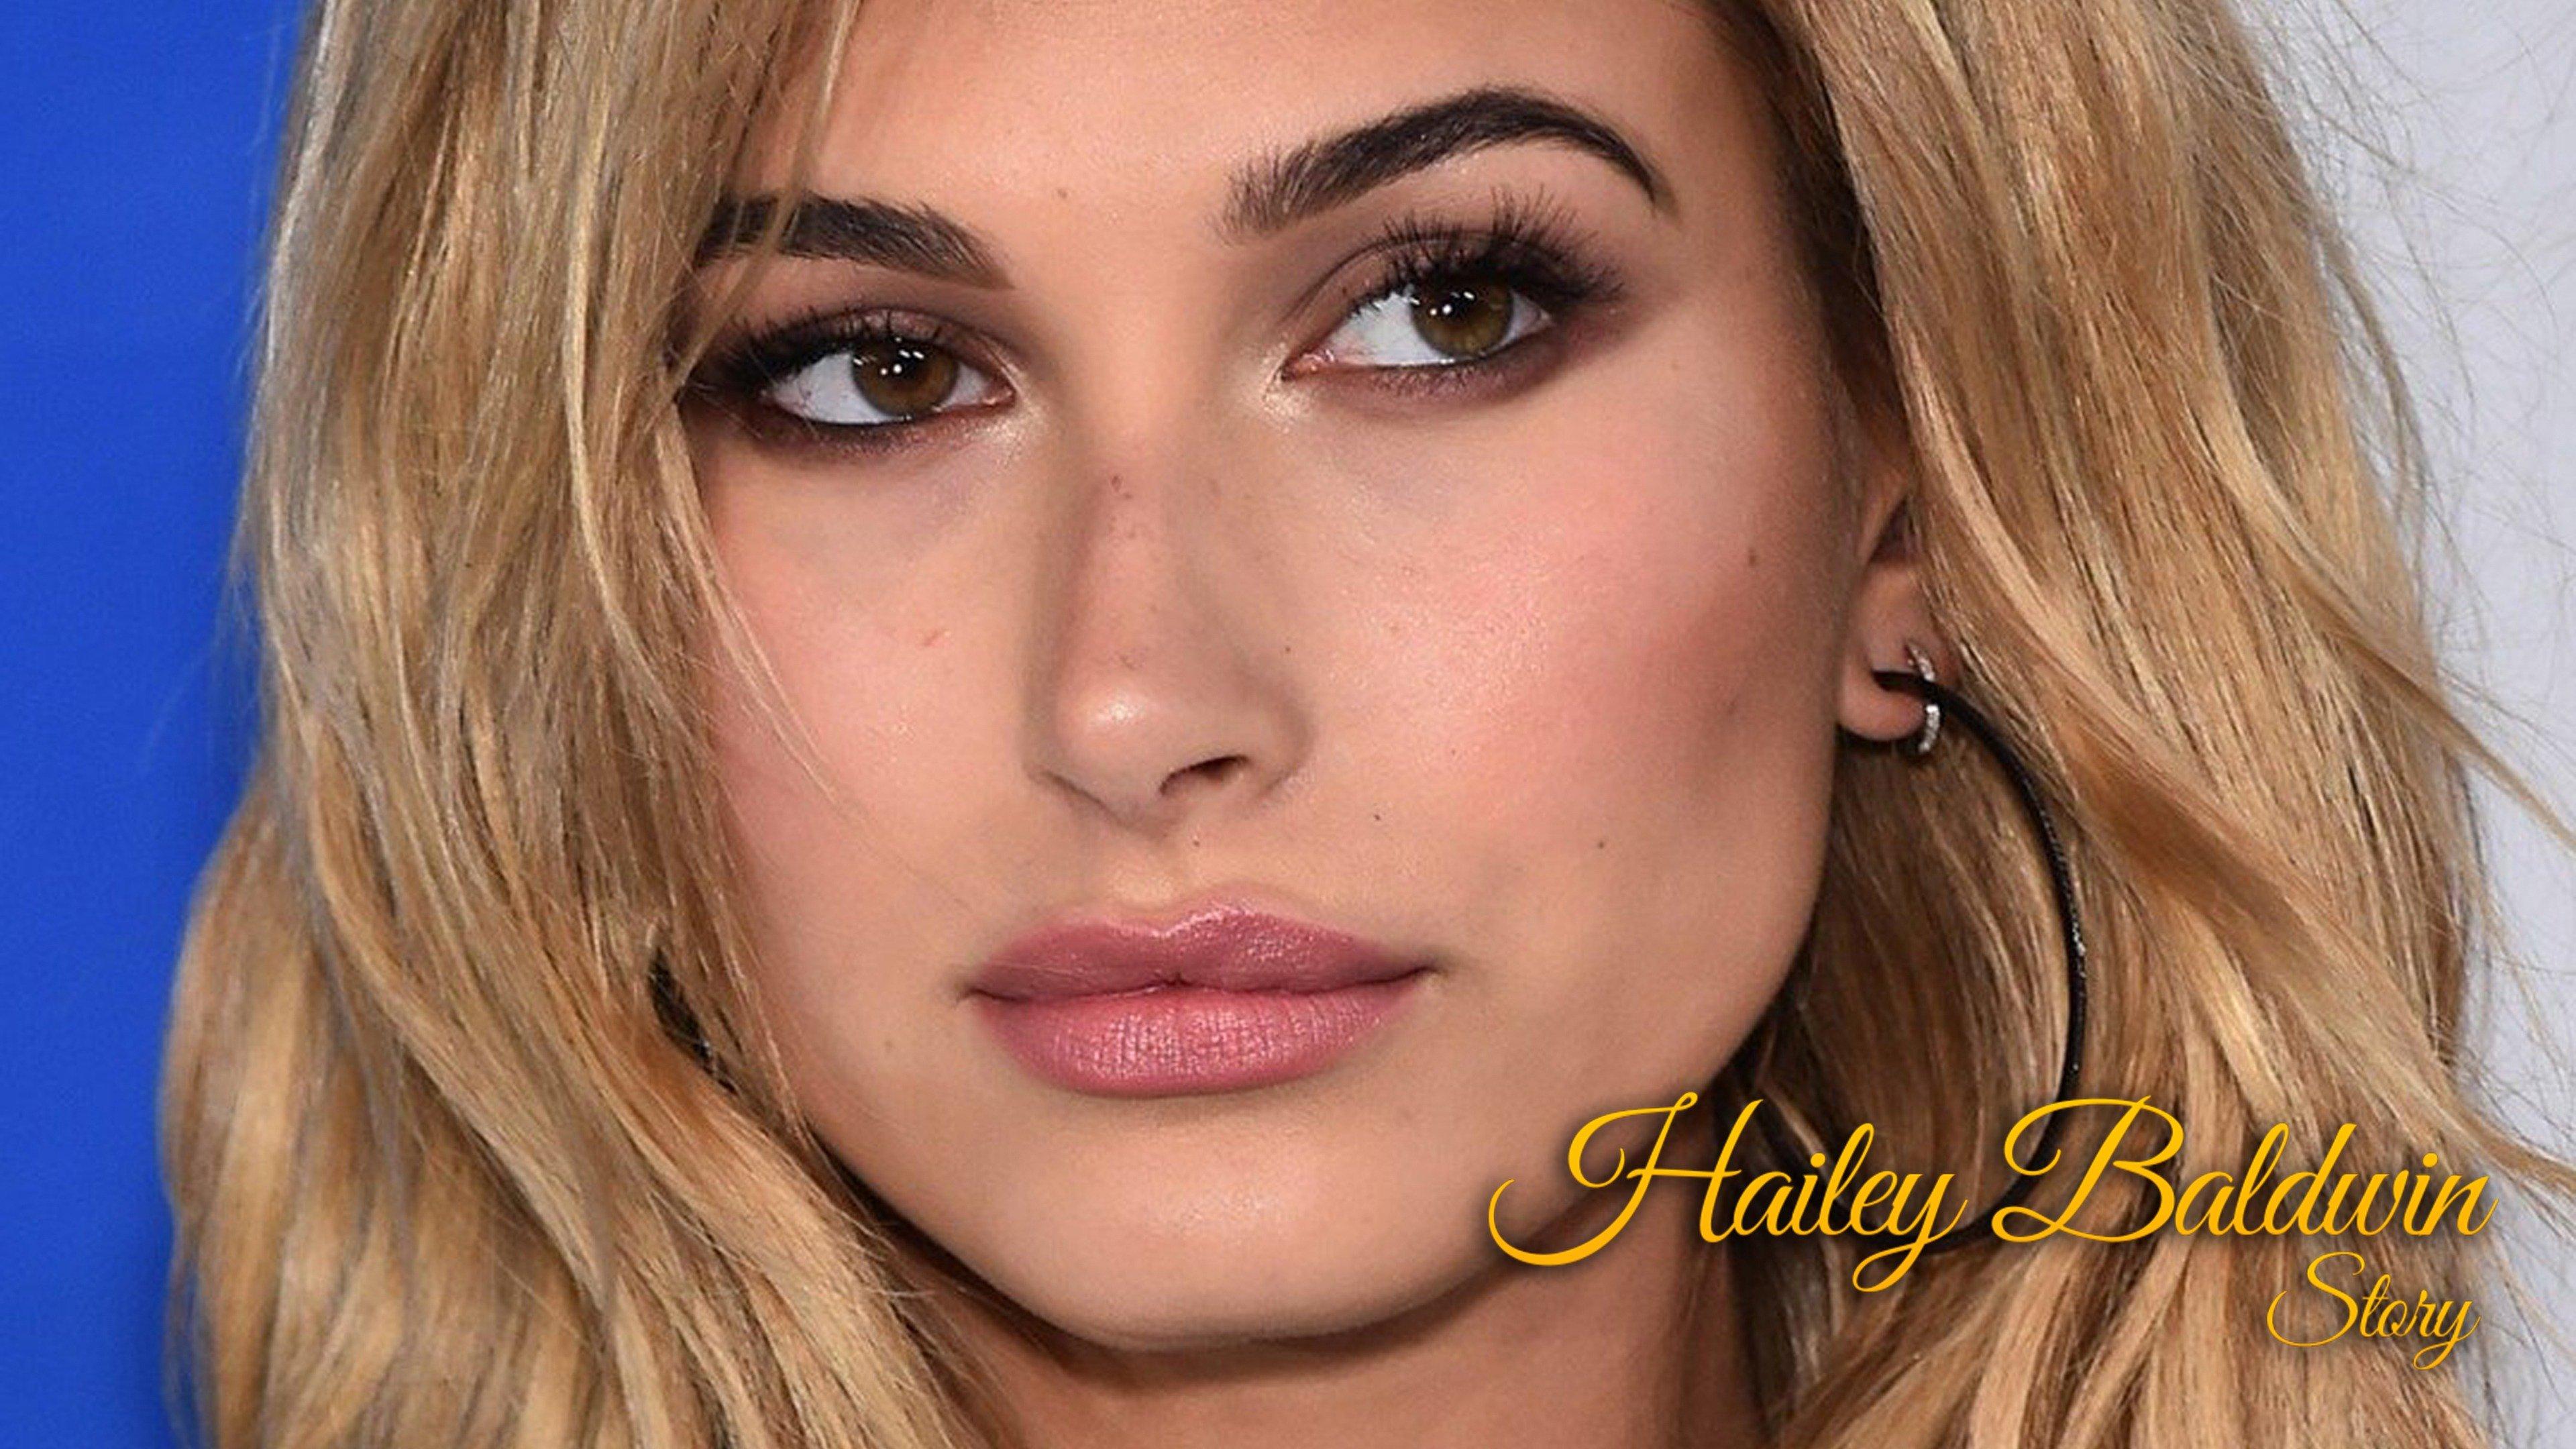 Hailey Baldwin Story